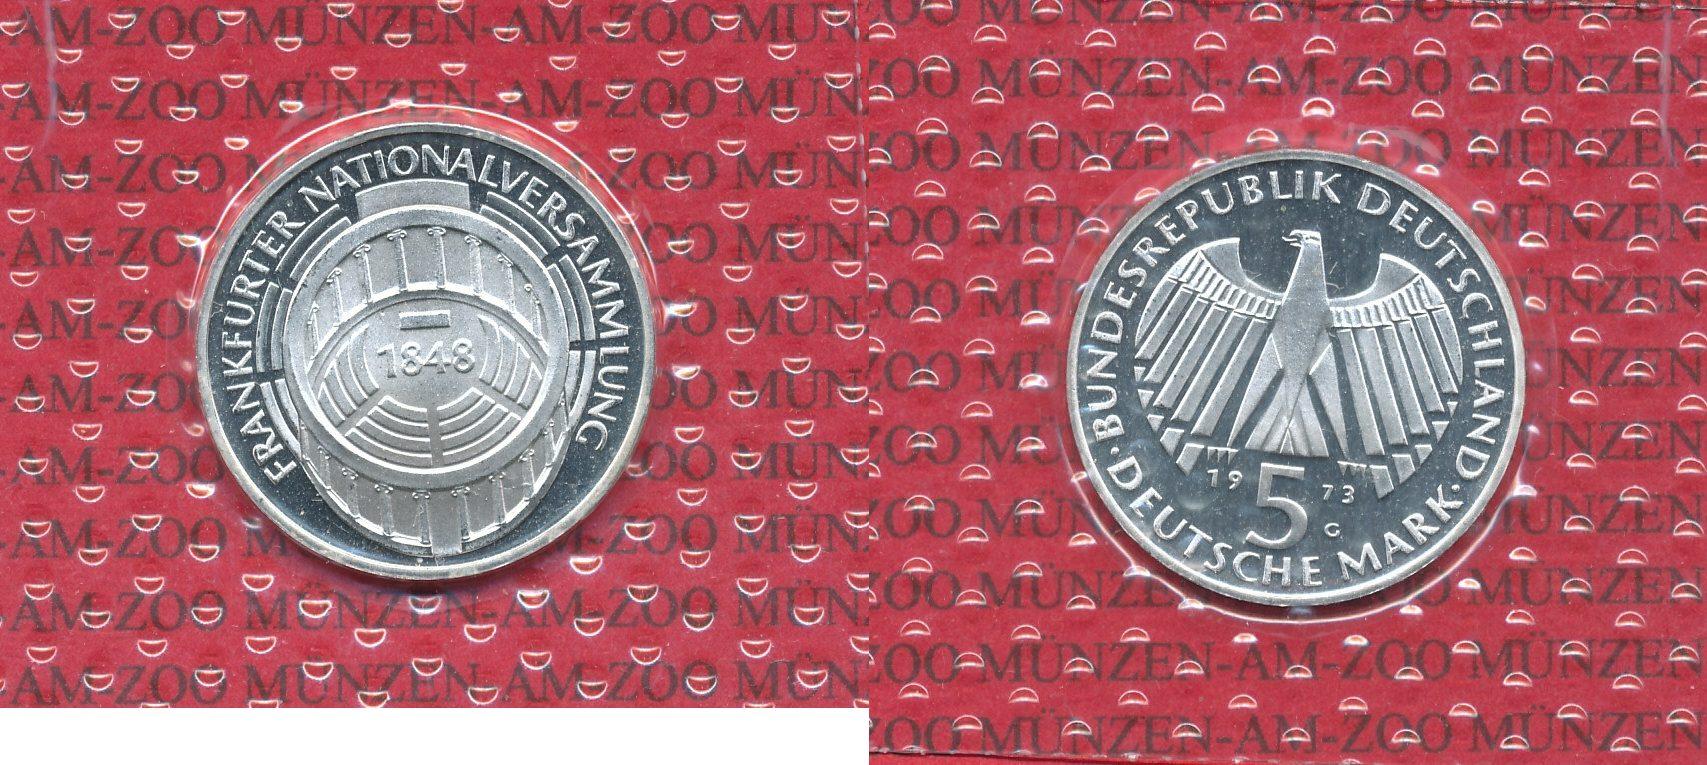 5 Dm Gedenkmünze Silber 1973 Bundesrepublik Deutschland